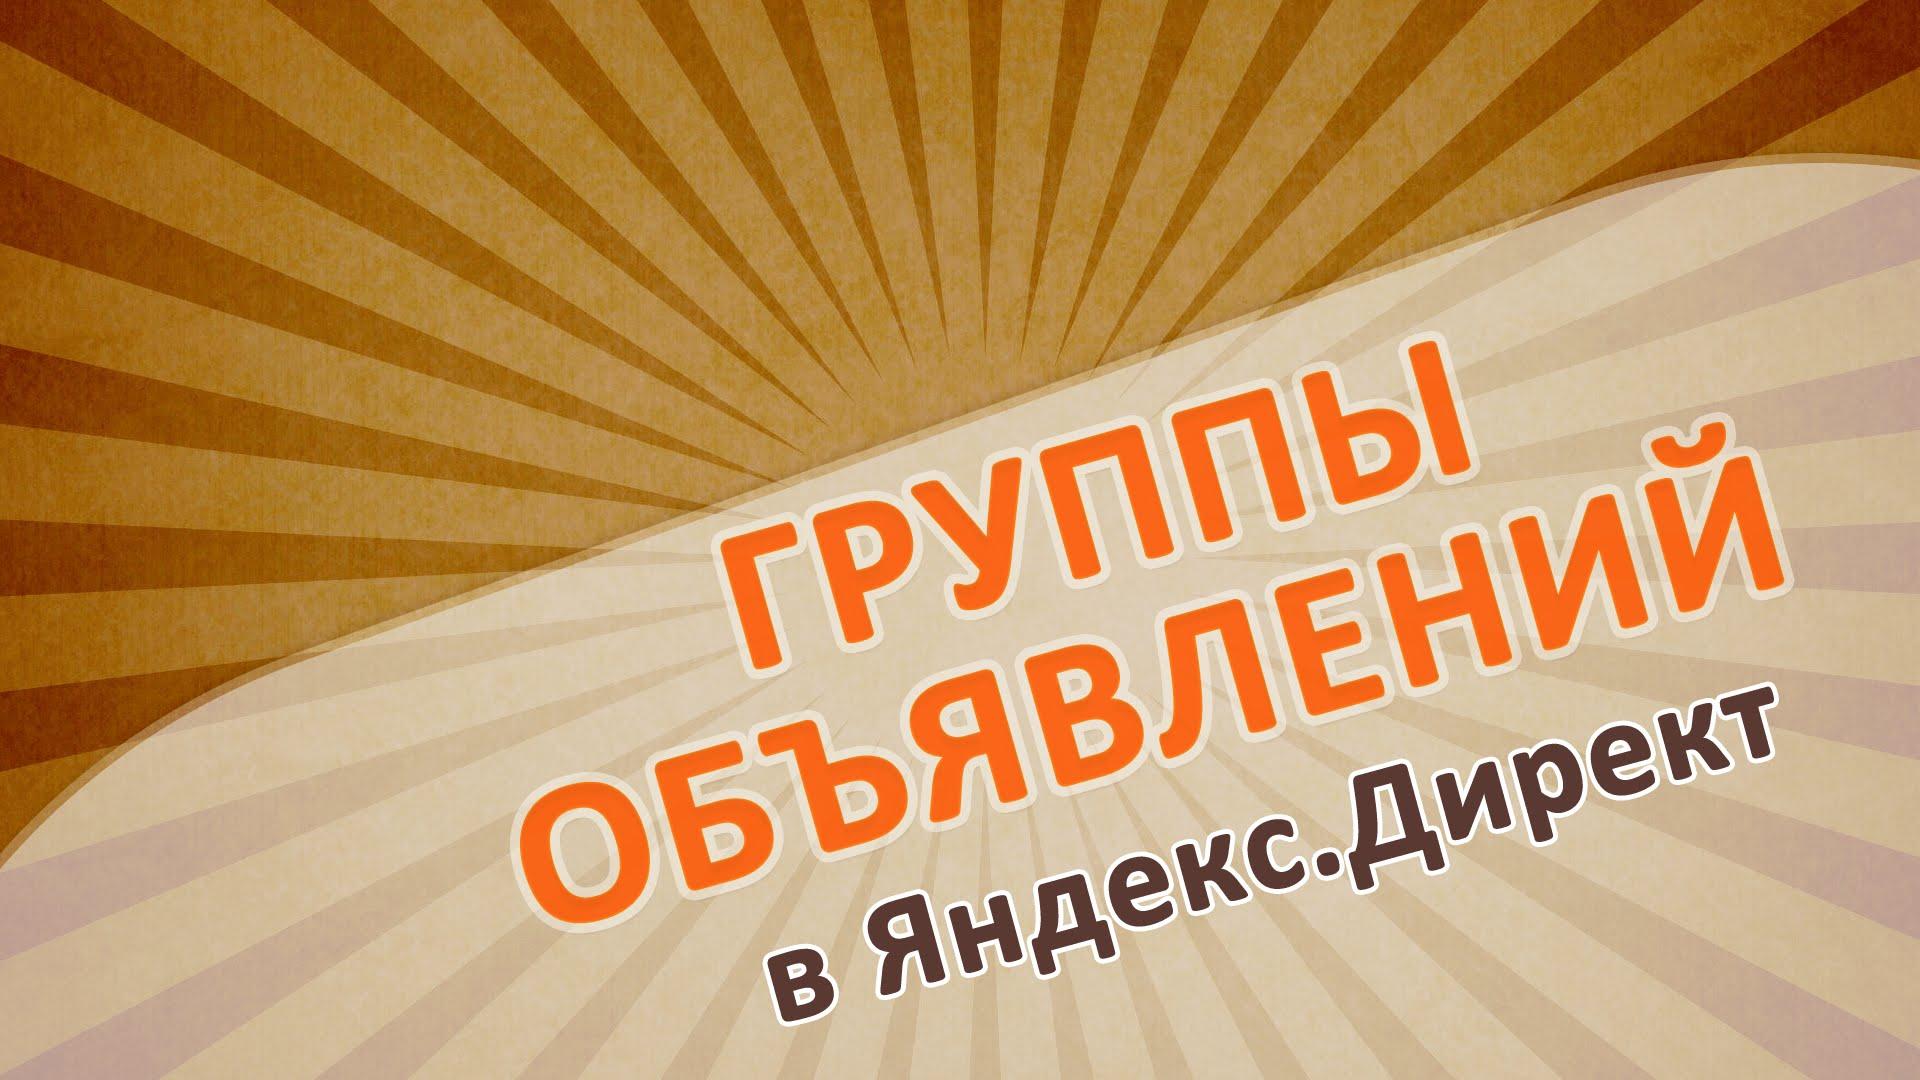 Продвижение вашего сайта. Яндекс Директ (контекст и РСЯ)